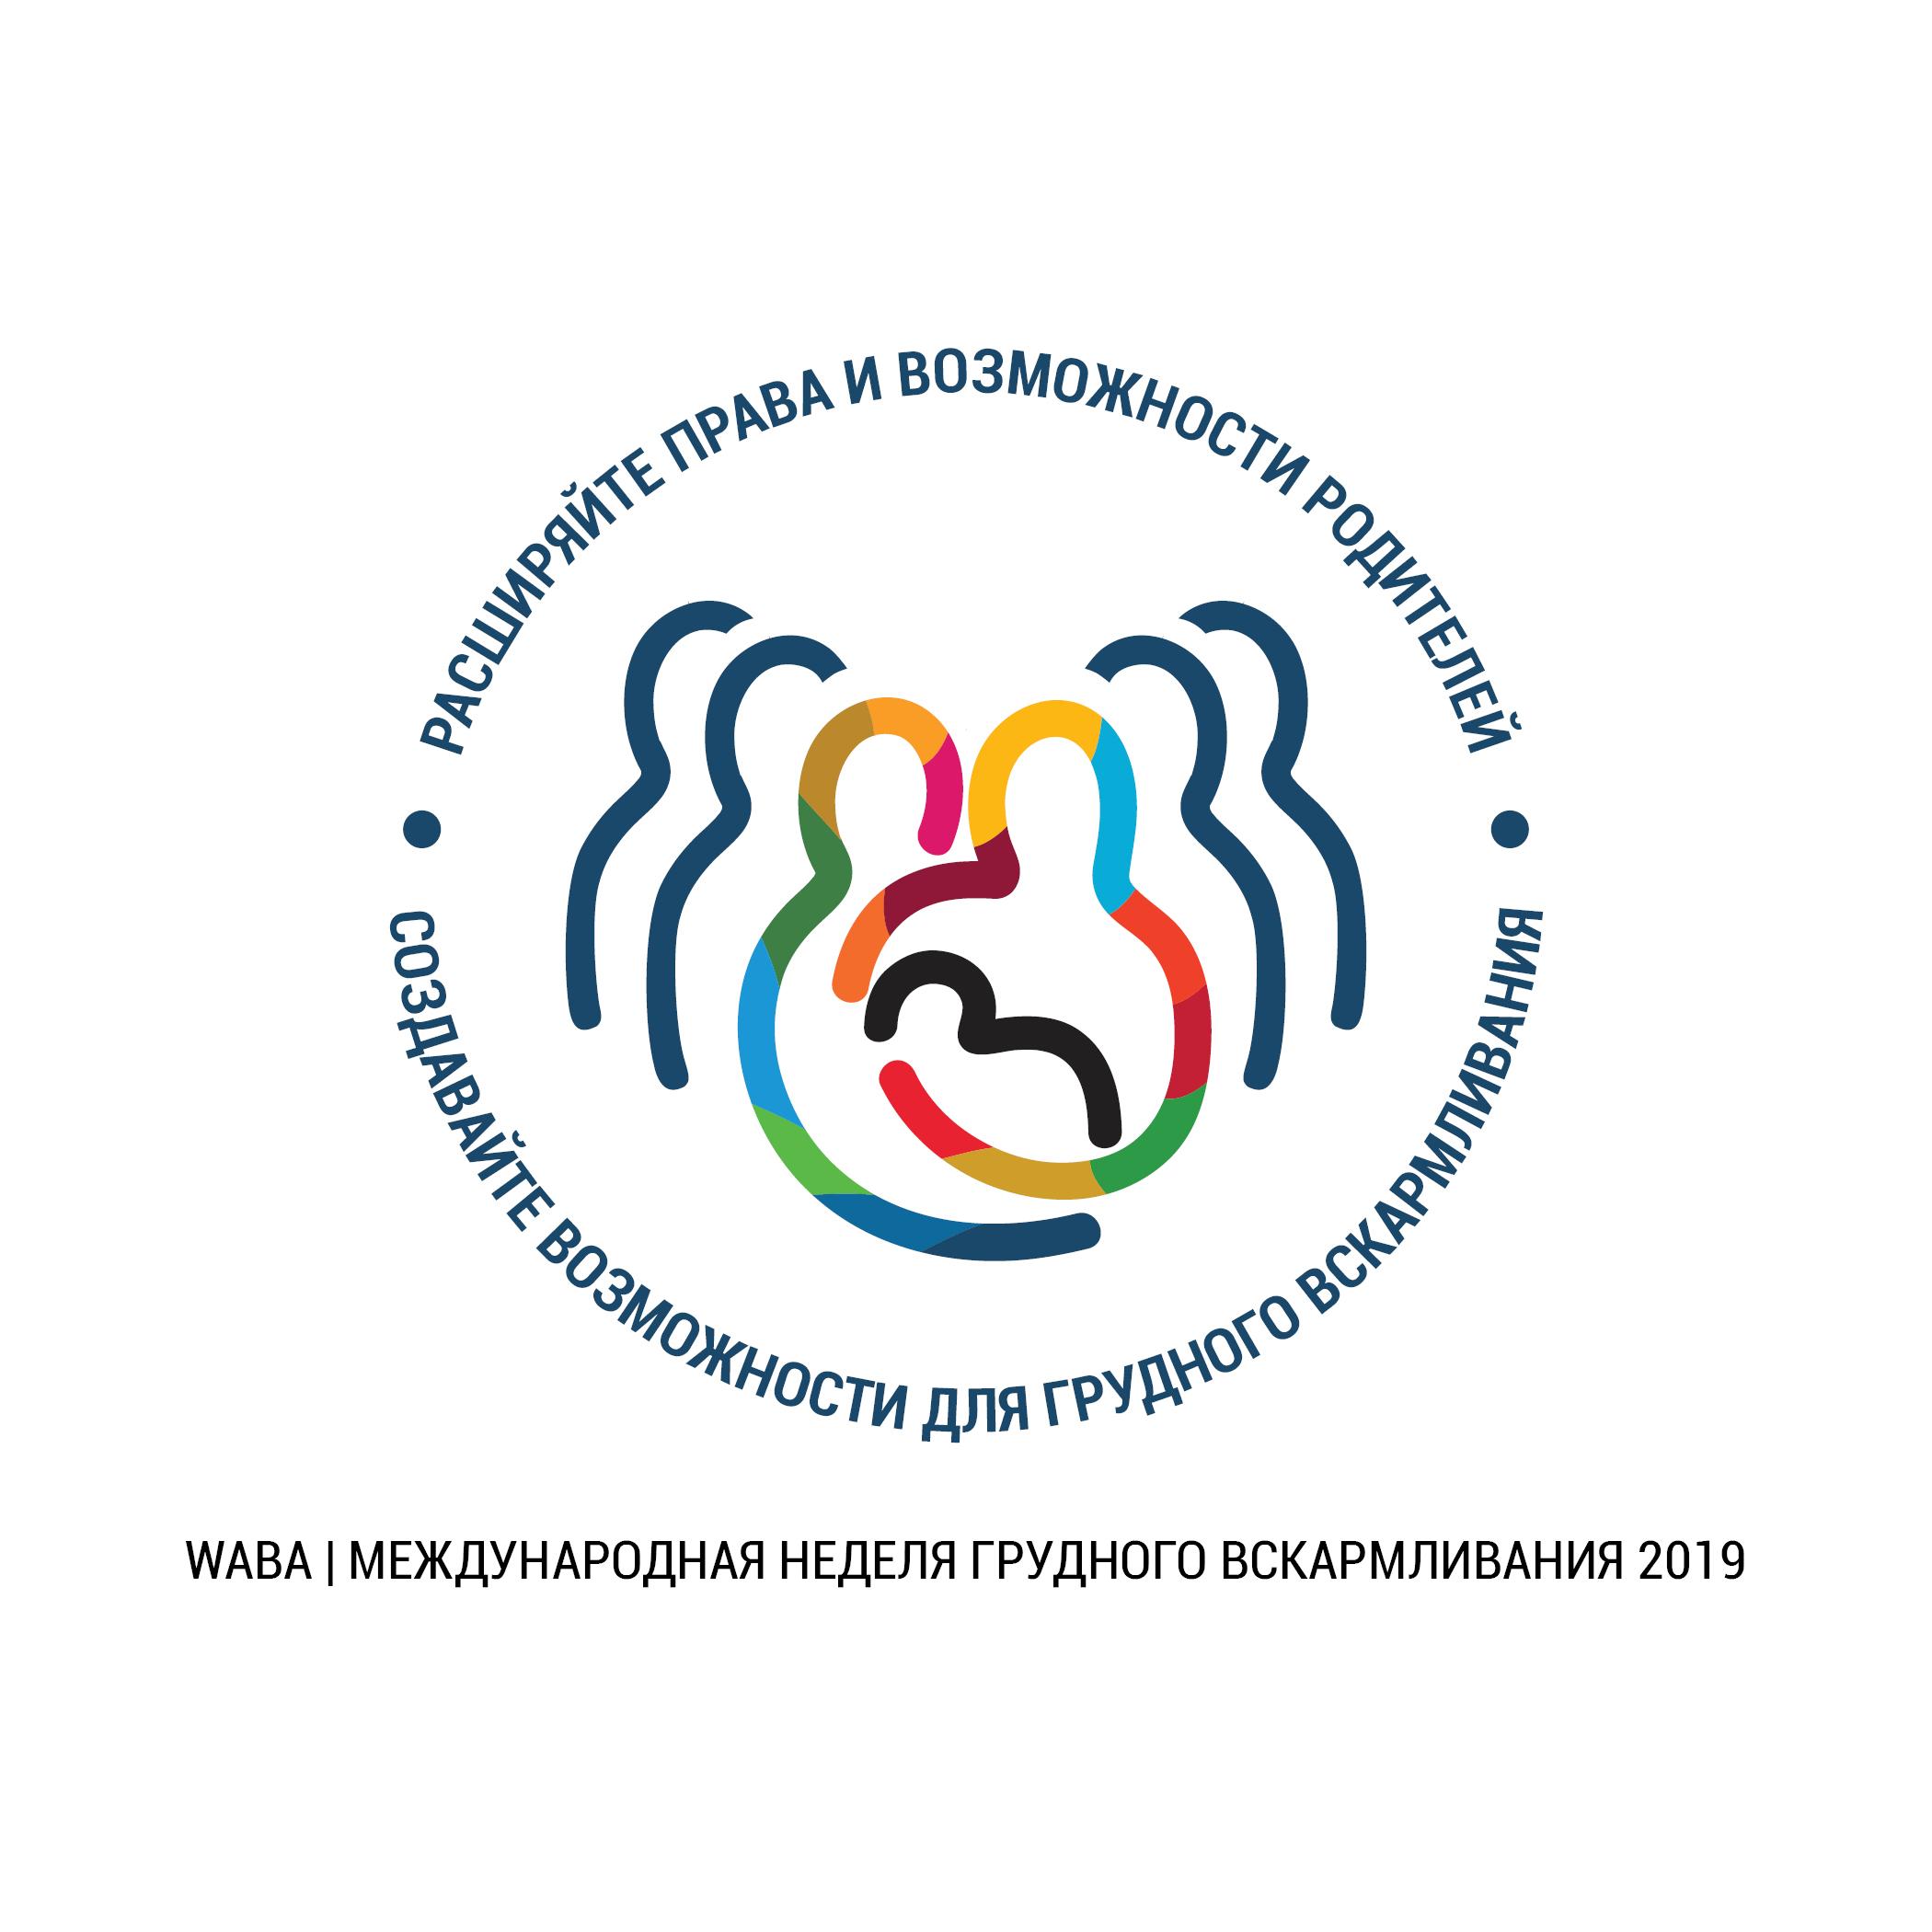 Неделя поддержки ГВ 2019 в Беларуси